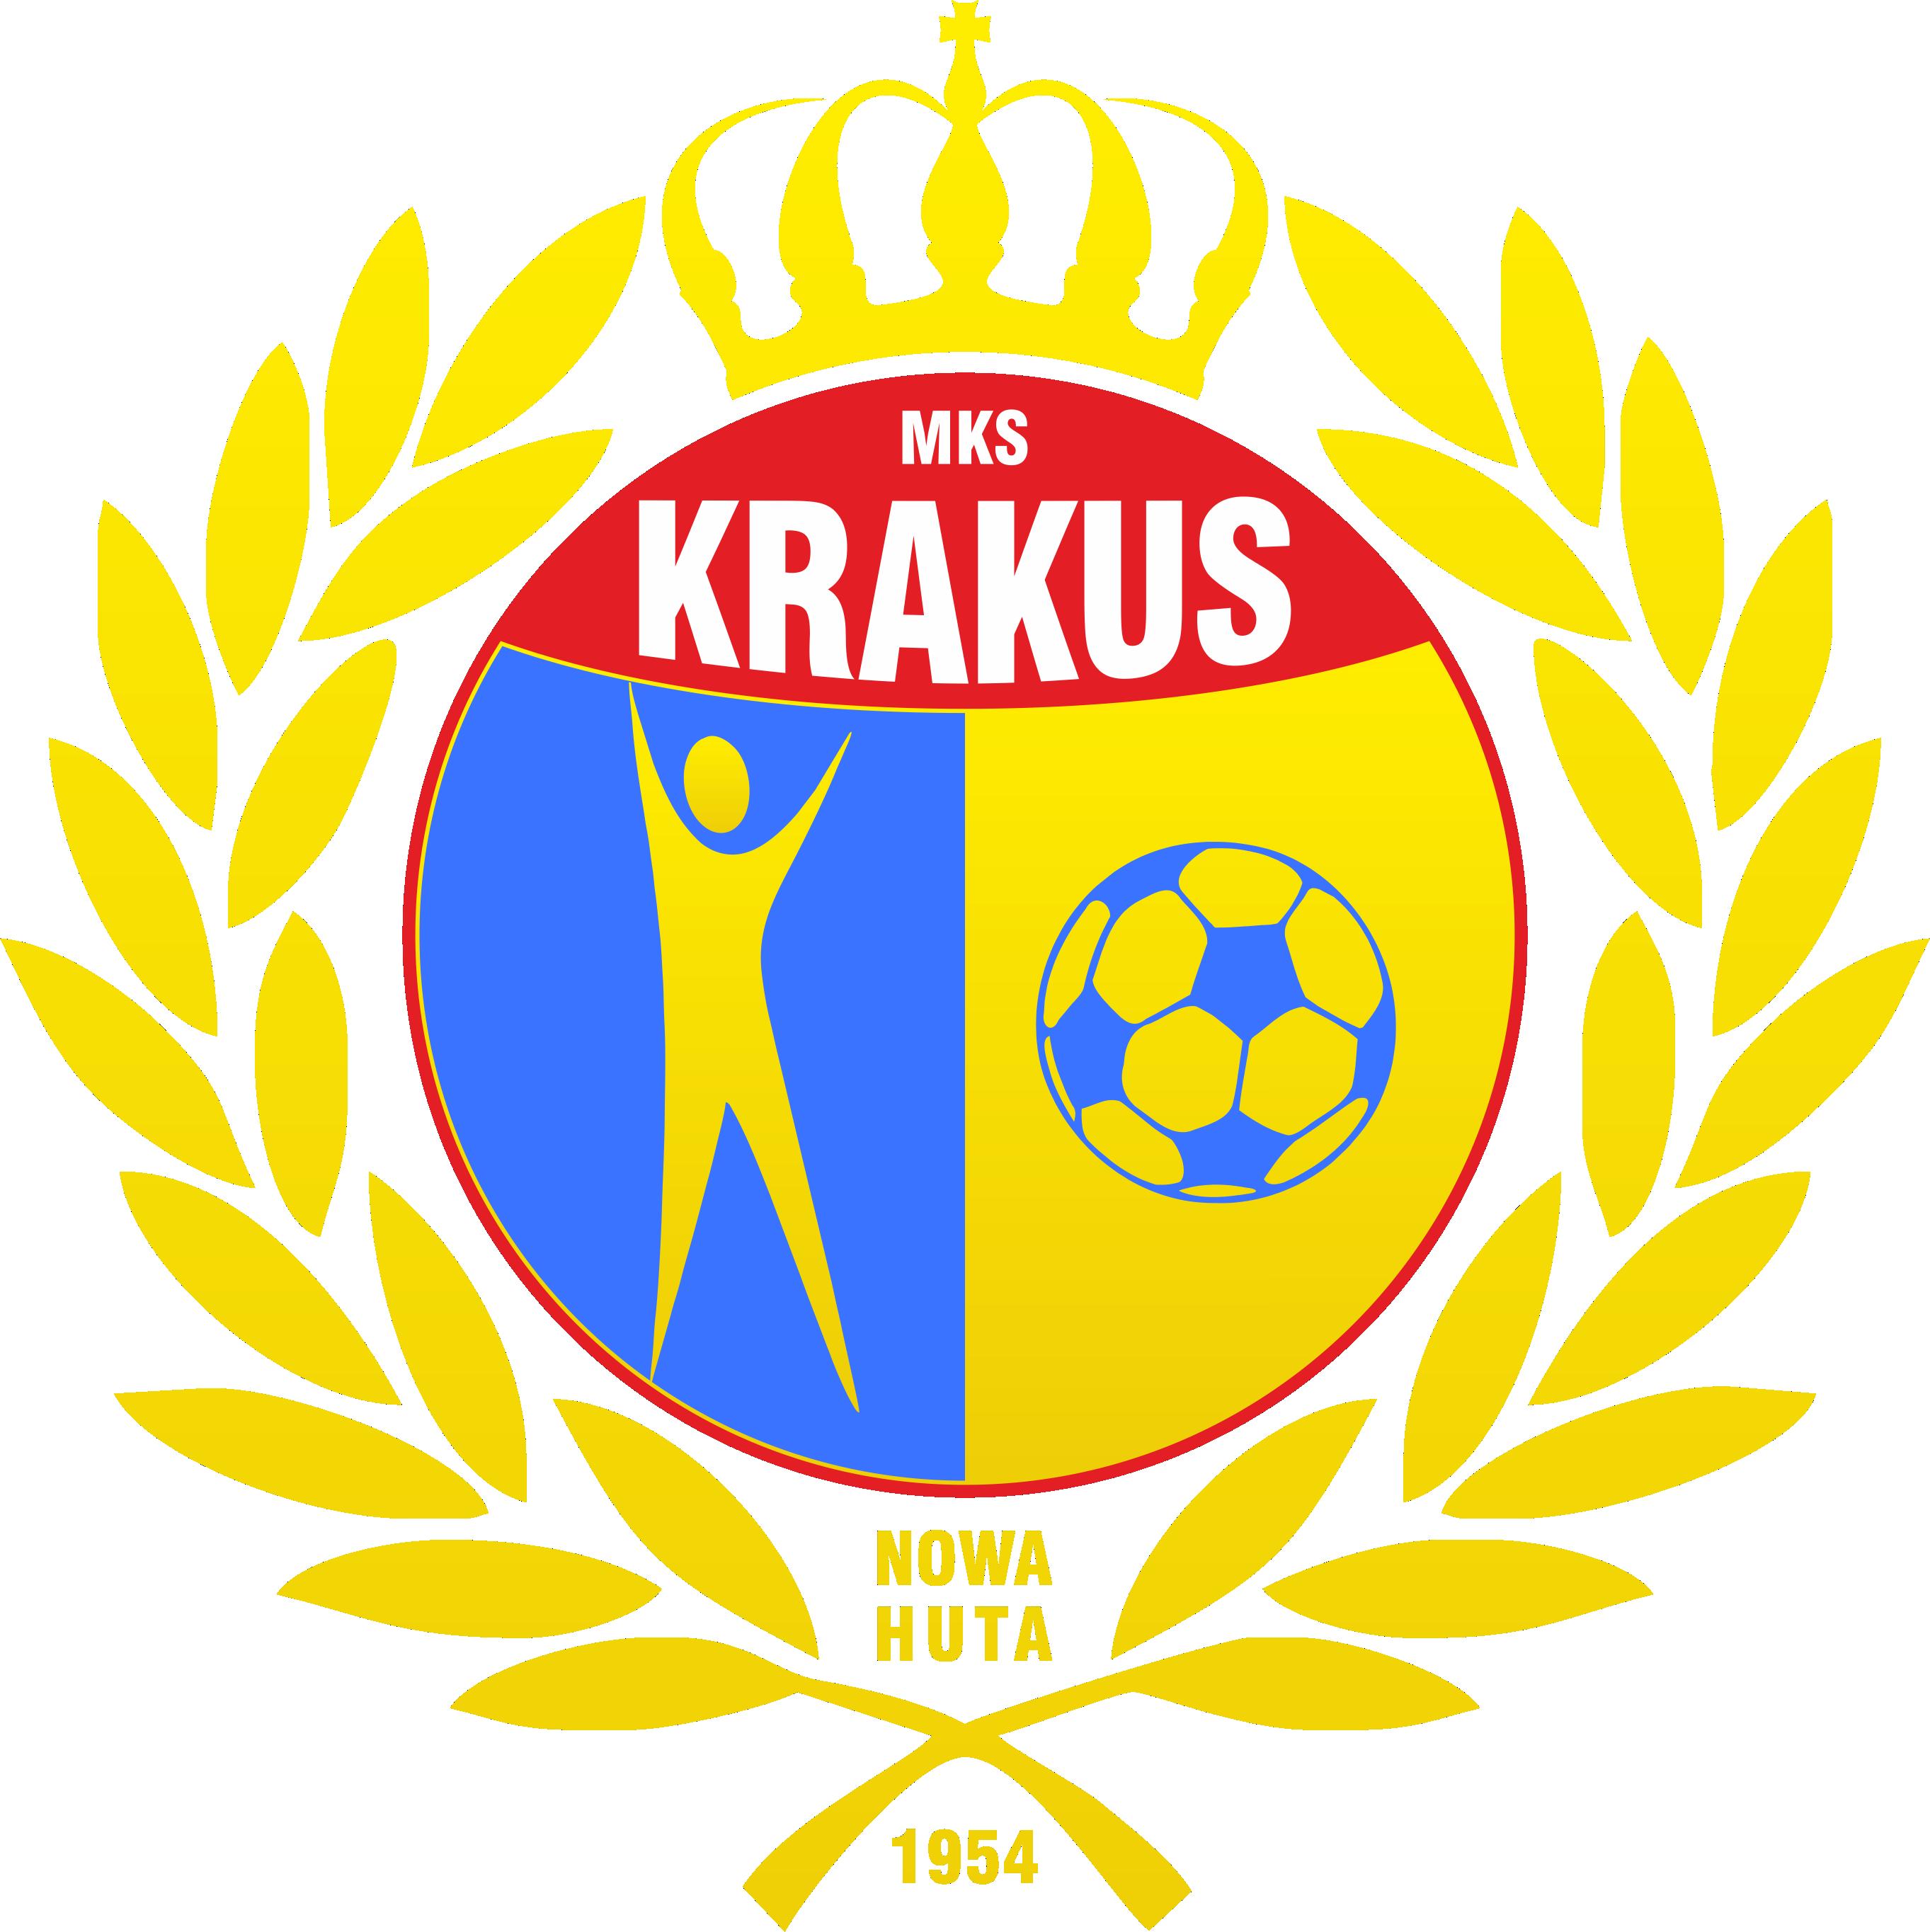 MKS Krakus Nowa Huta